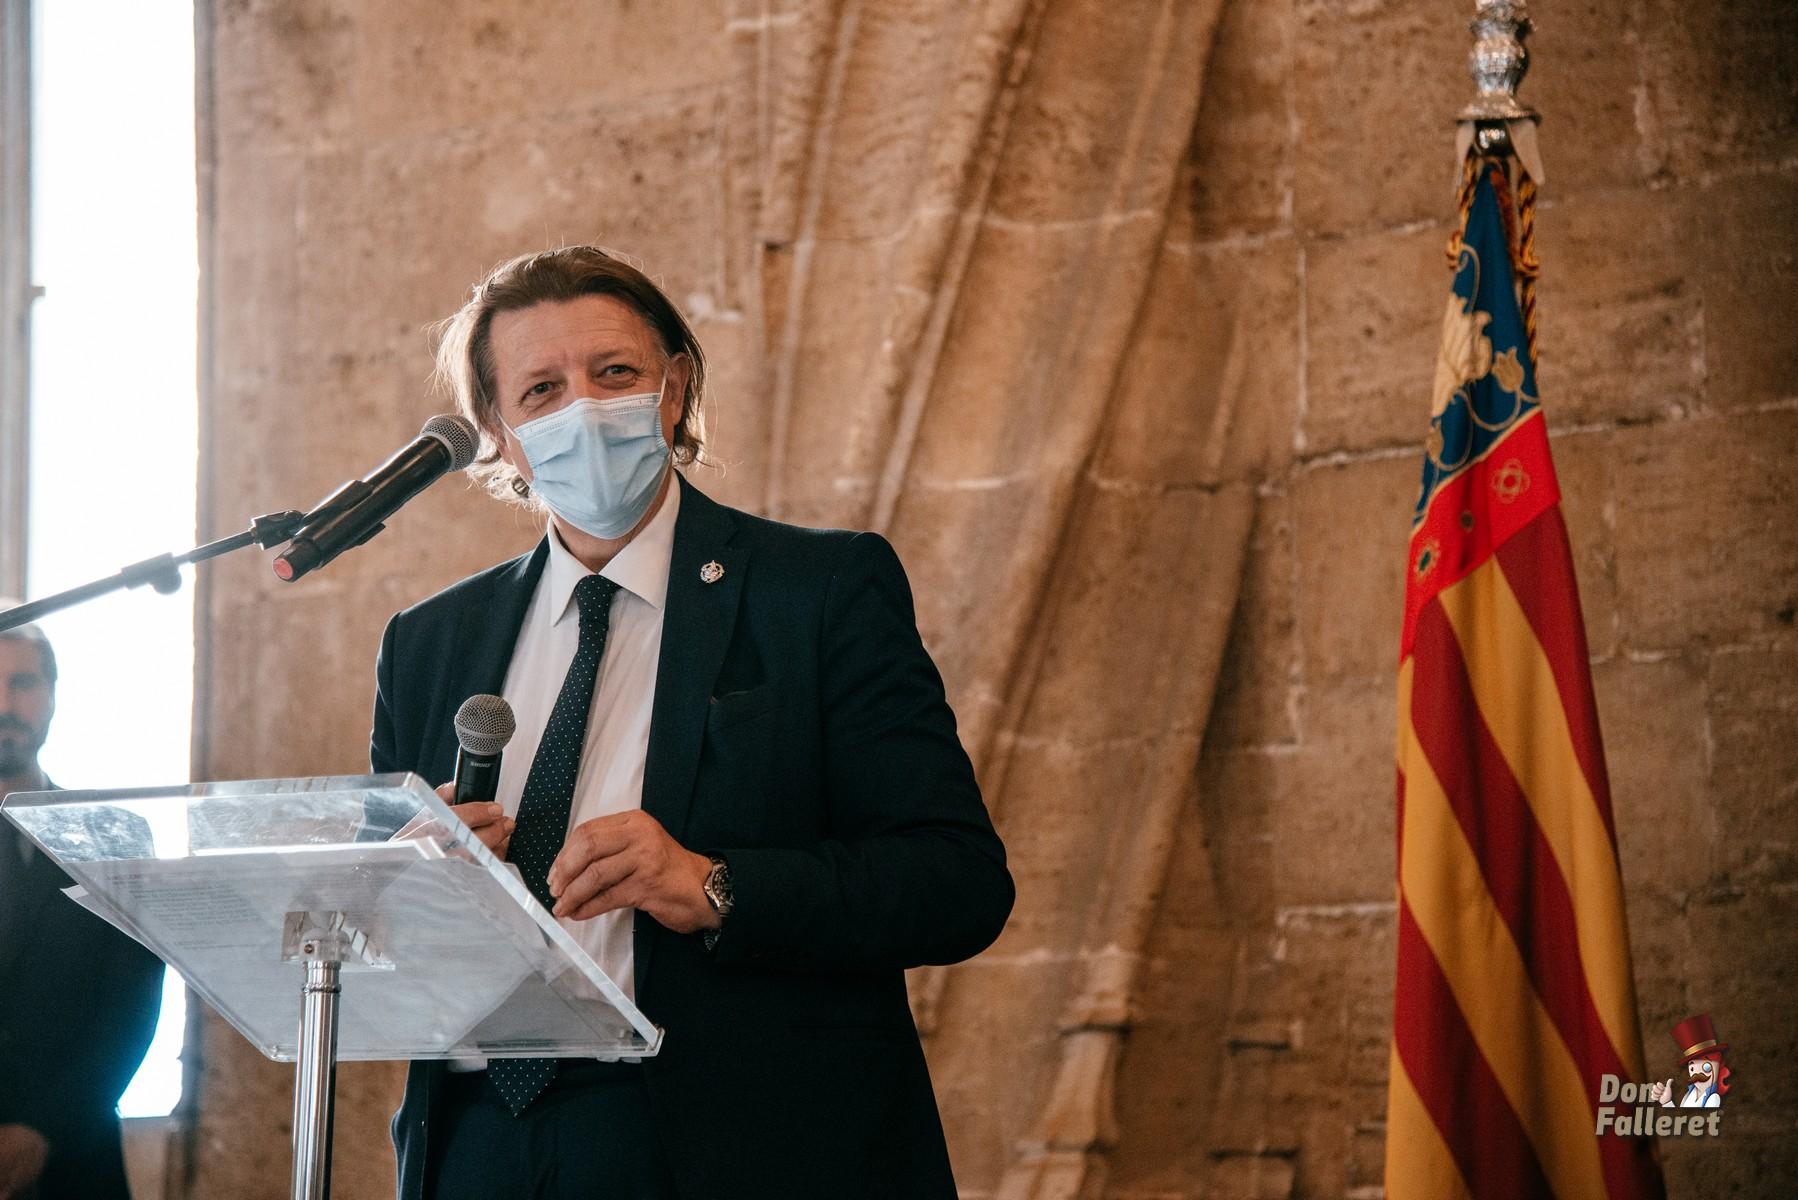 Intervención de Tono Fagoaga, Presidente de la Agrupación de Fallas La Seu-Xerea-Mercat. Foto: Fran Adlert/Don Falleret